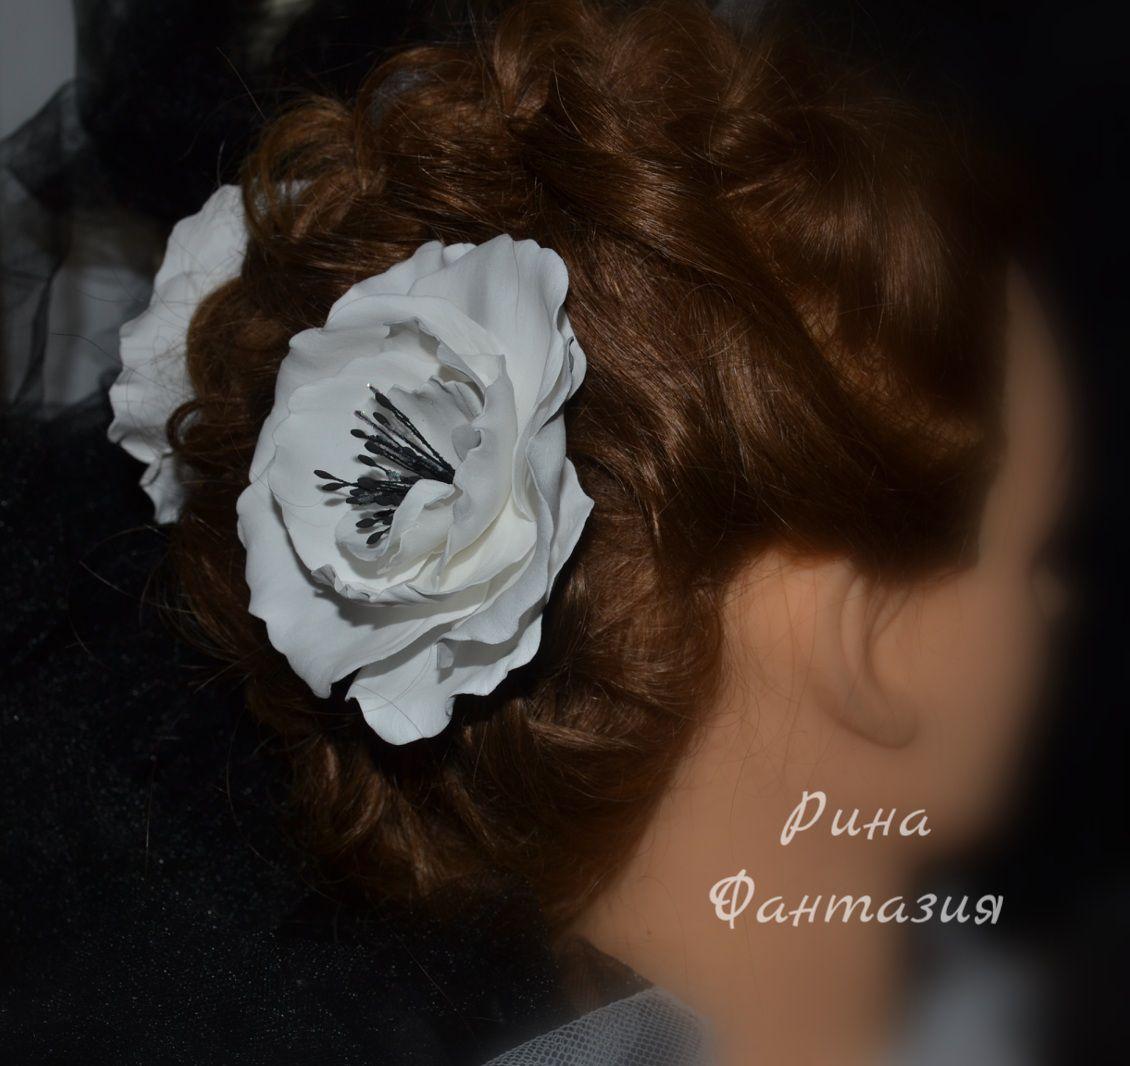 снег ринафантазия цветочныеоблака зажимдляволос длядевочки дляженщины украшенияручнойработы цветыизфоамирана